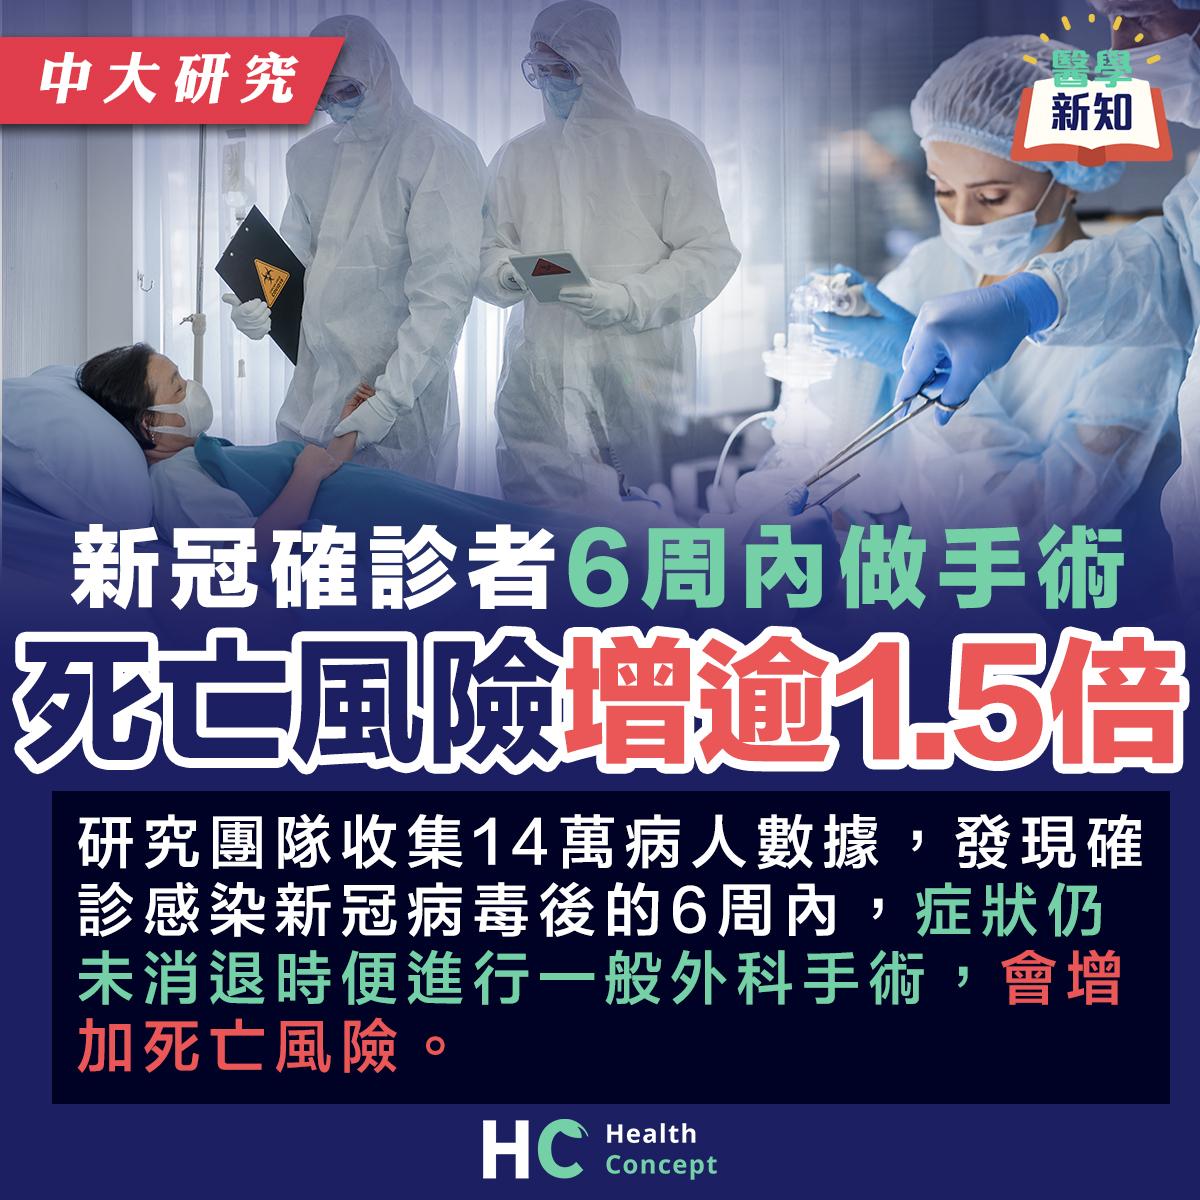 新冠確診者6周內做手術 死亡風險增逾1.5倍